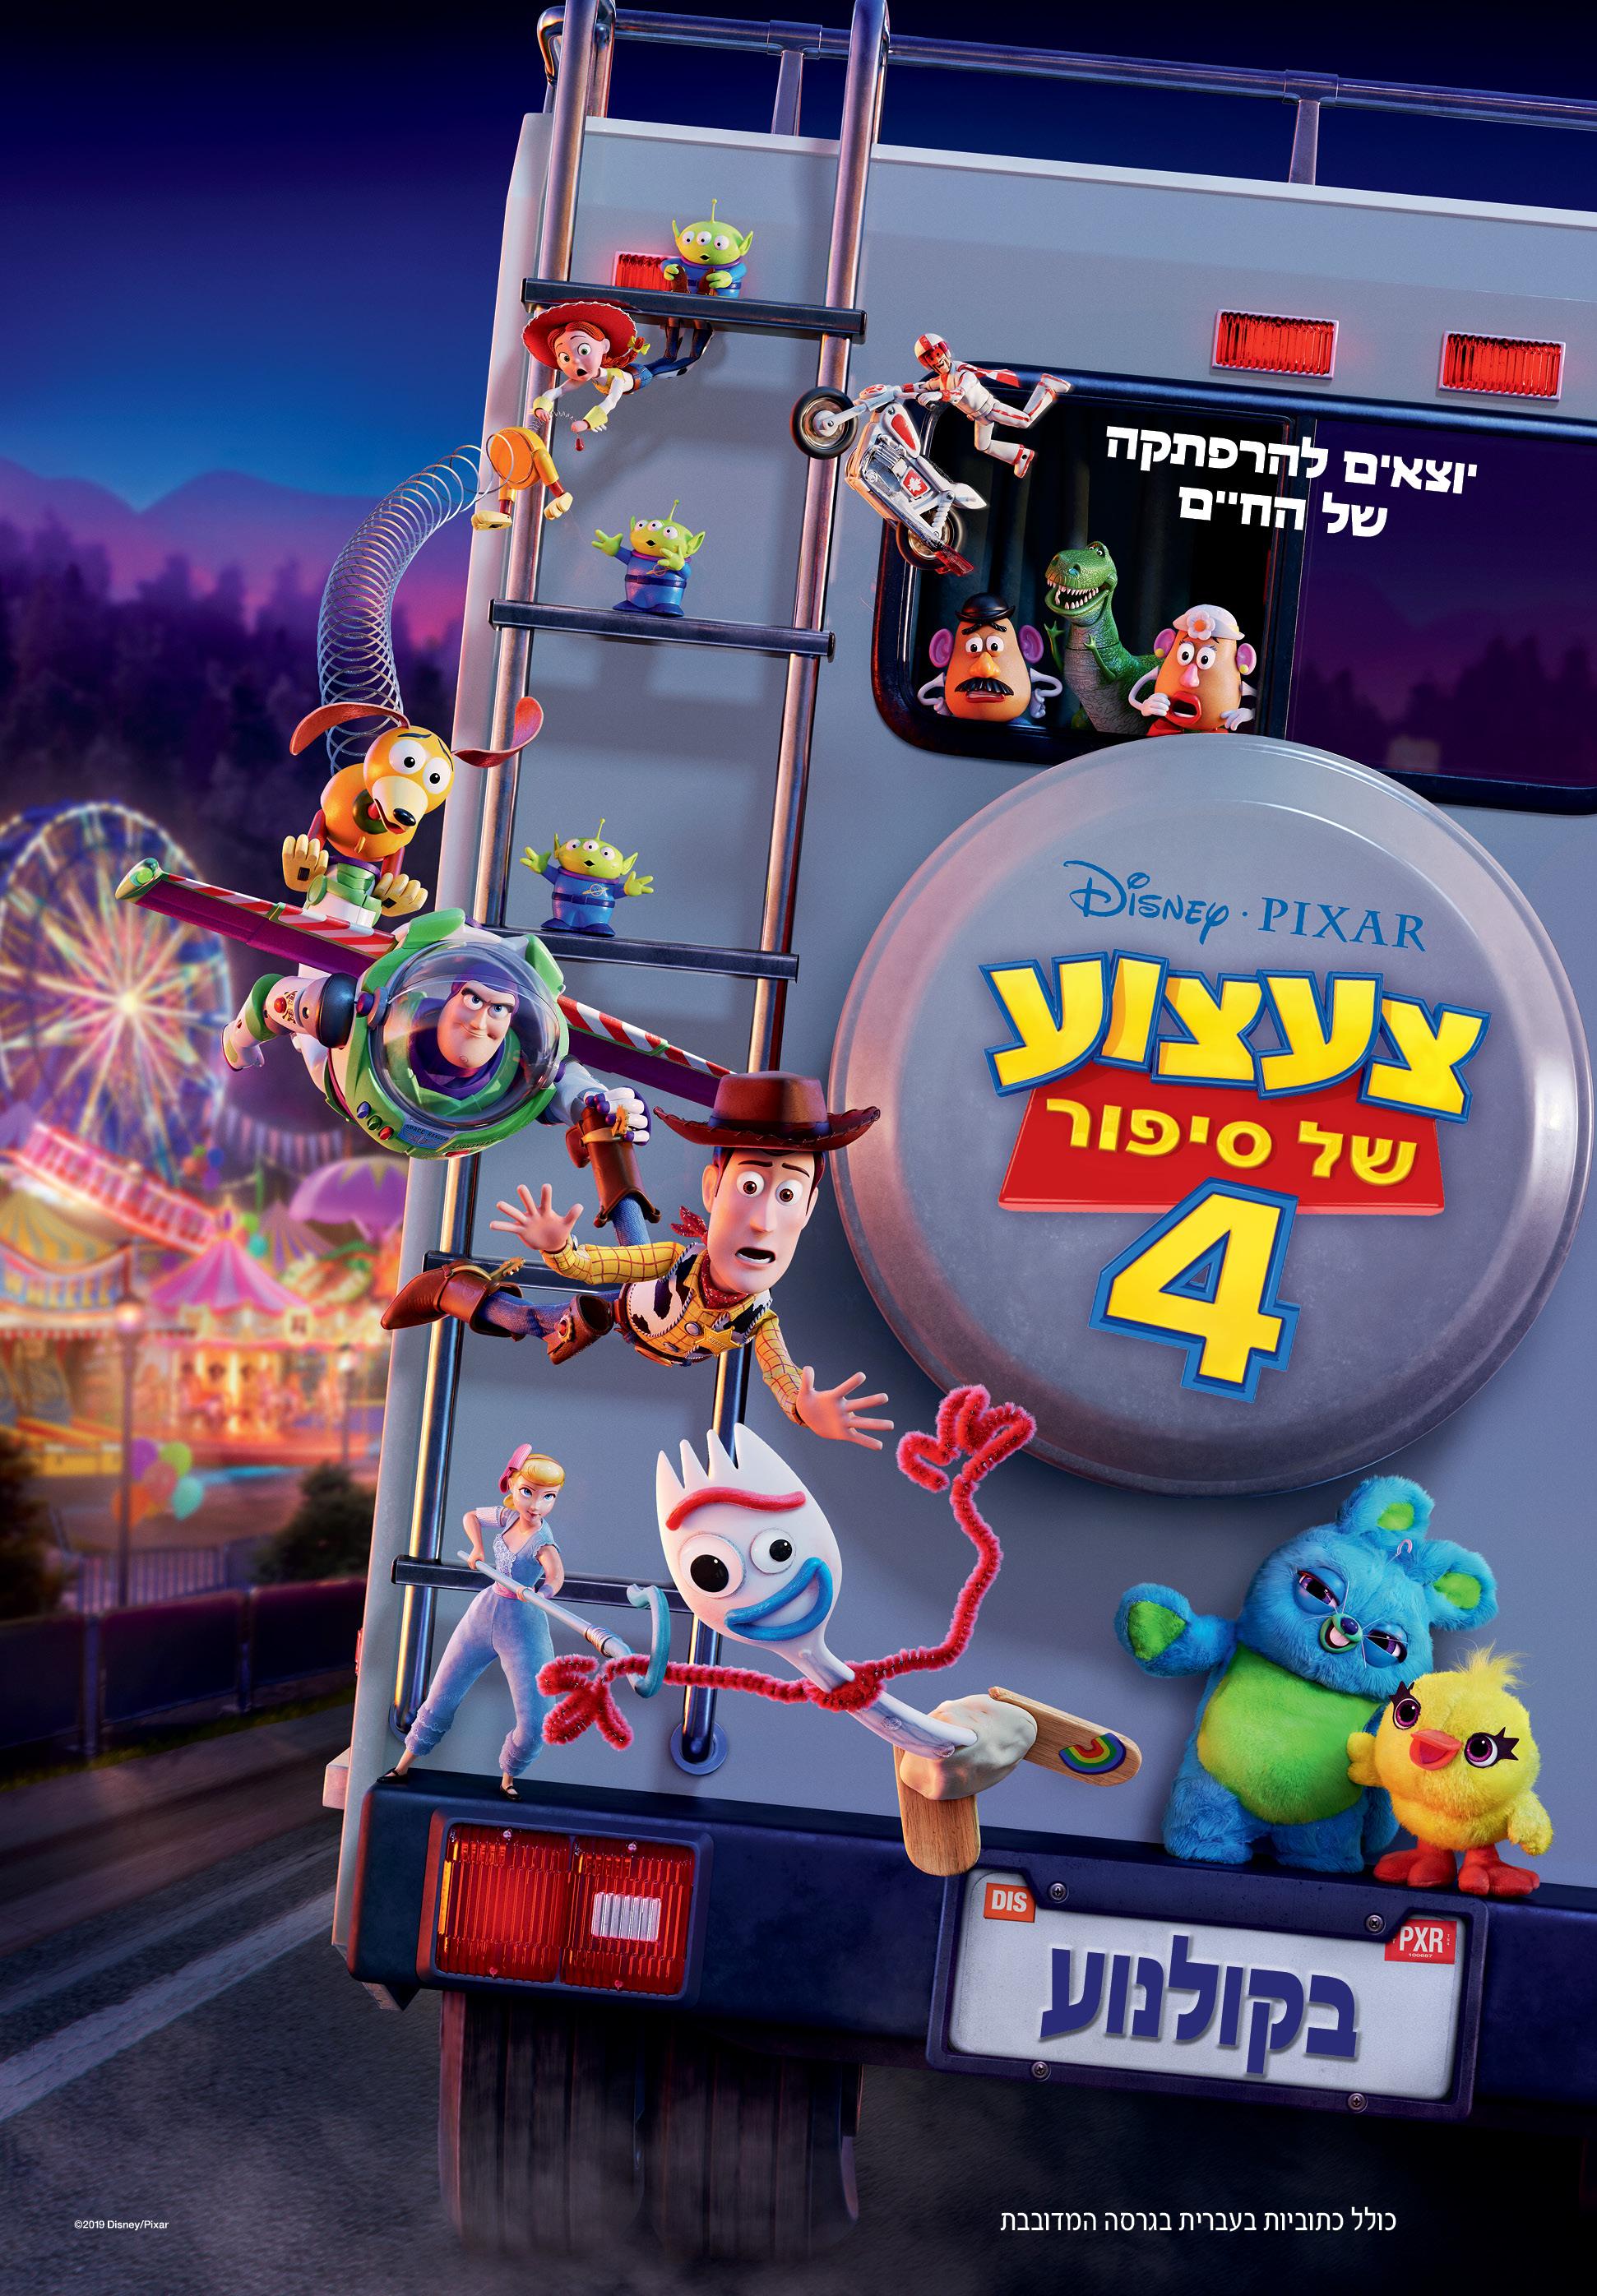 צעצוע של סיפור 4 מדובב לעברית